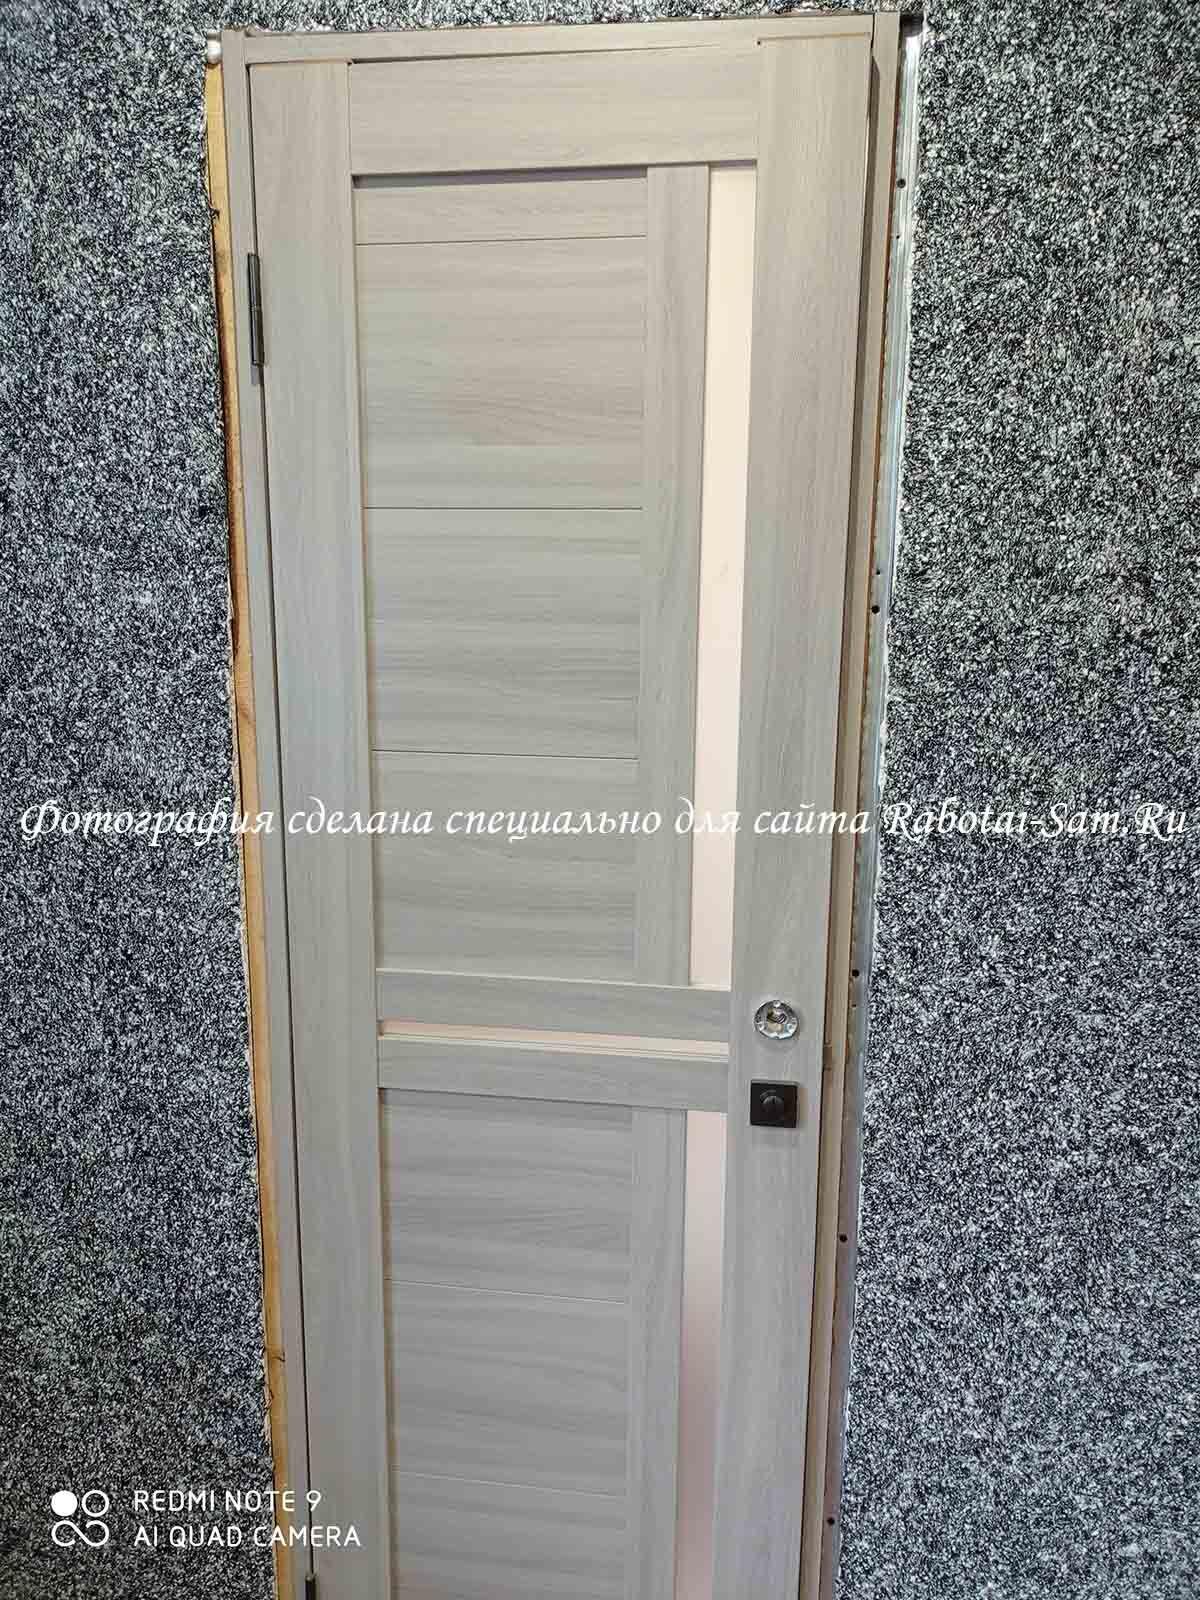 Установка нового полотна двери в старую коробку